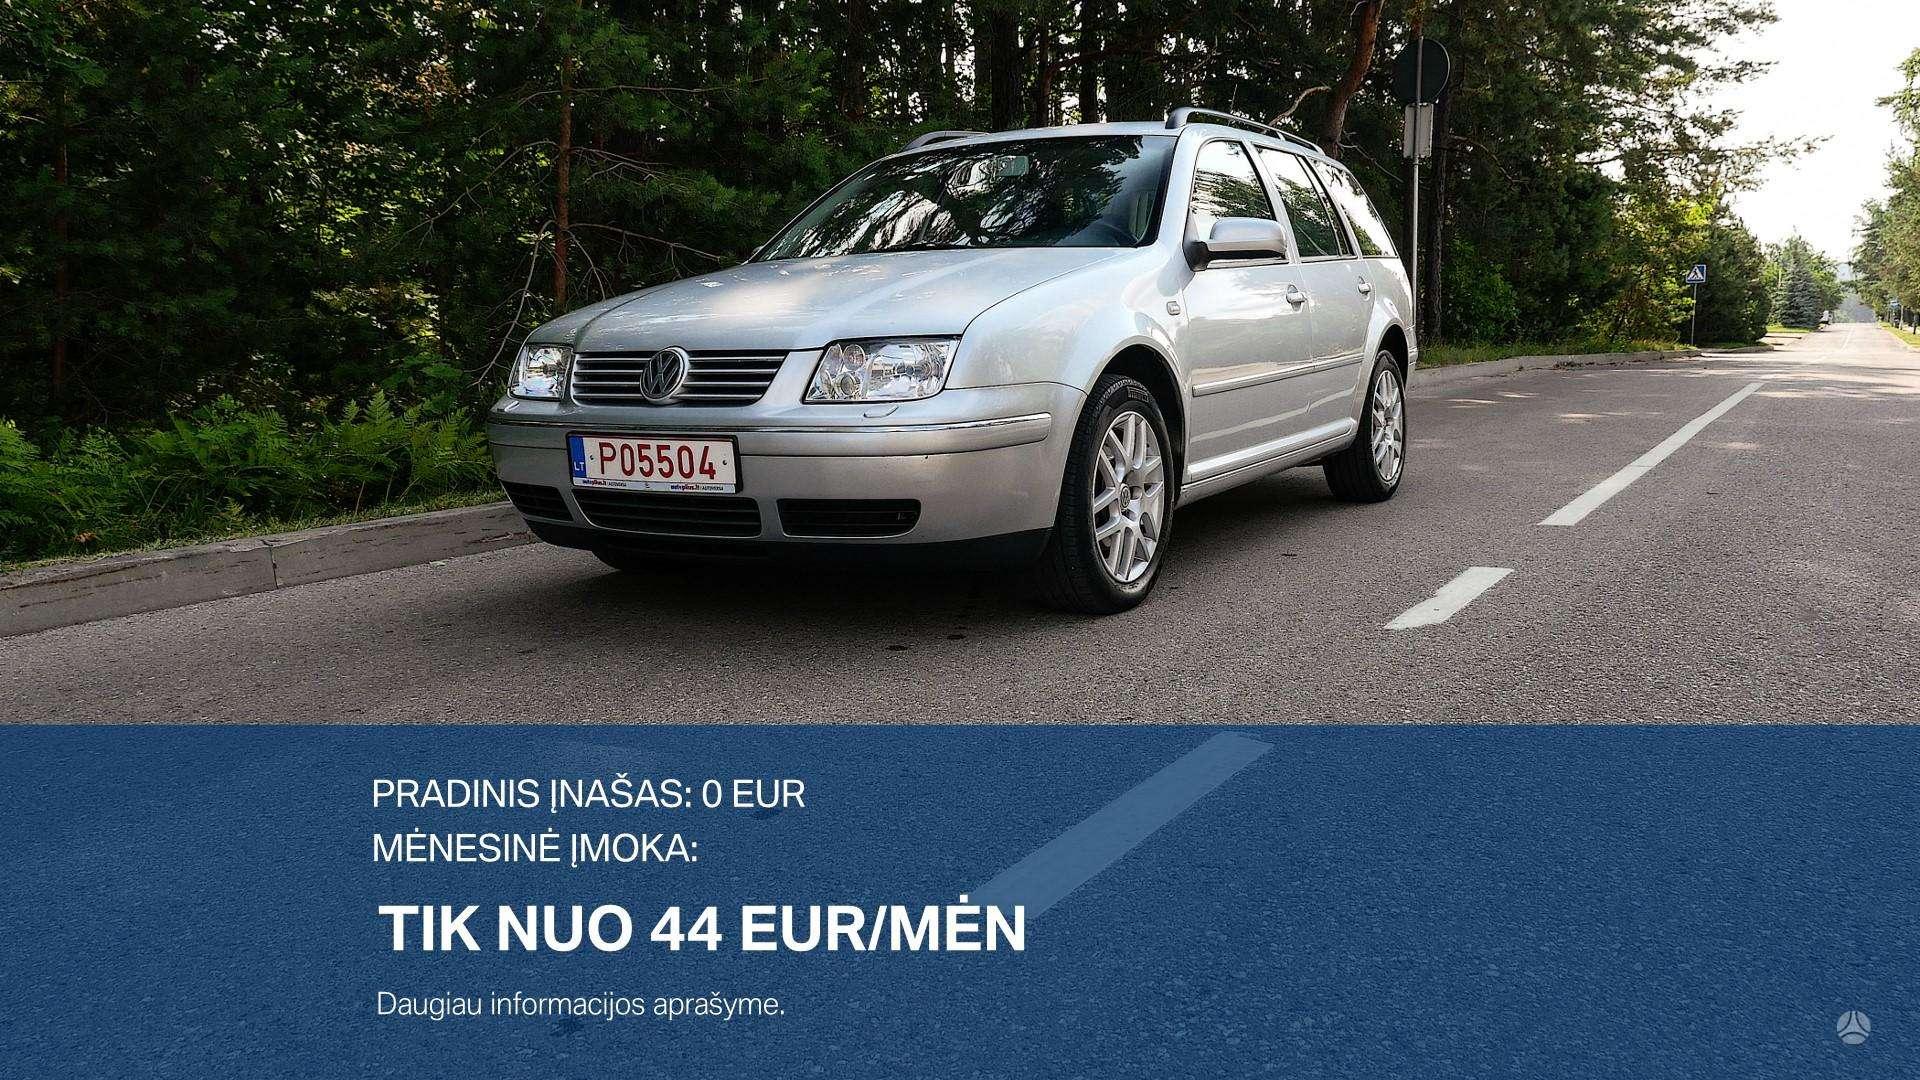 Volkswagen Bora Išsimokėtinai nuo 44Eur/Mėn su 3 mėnesių garantija